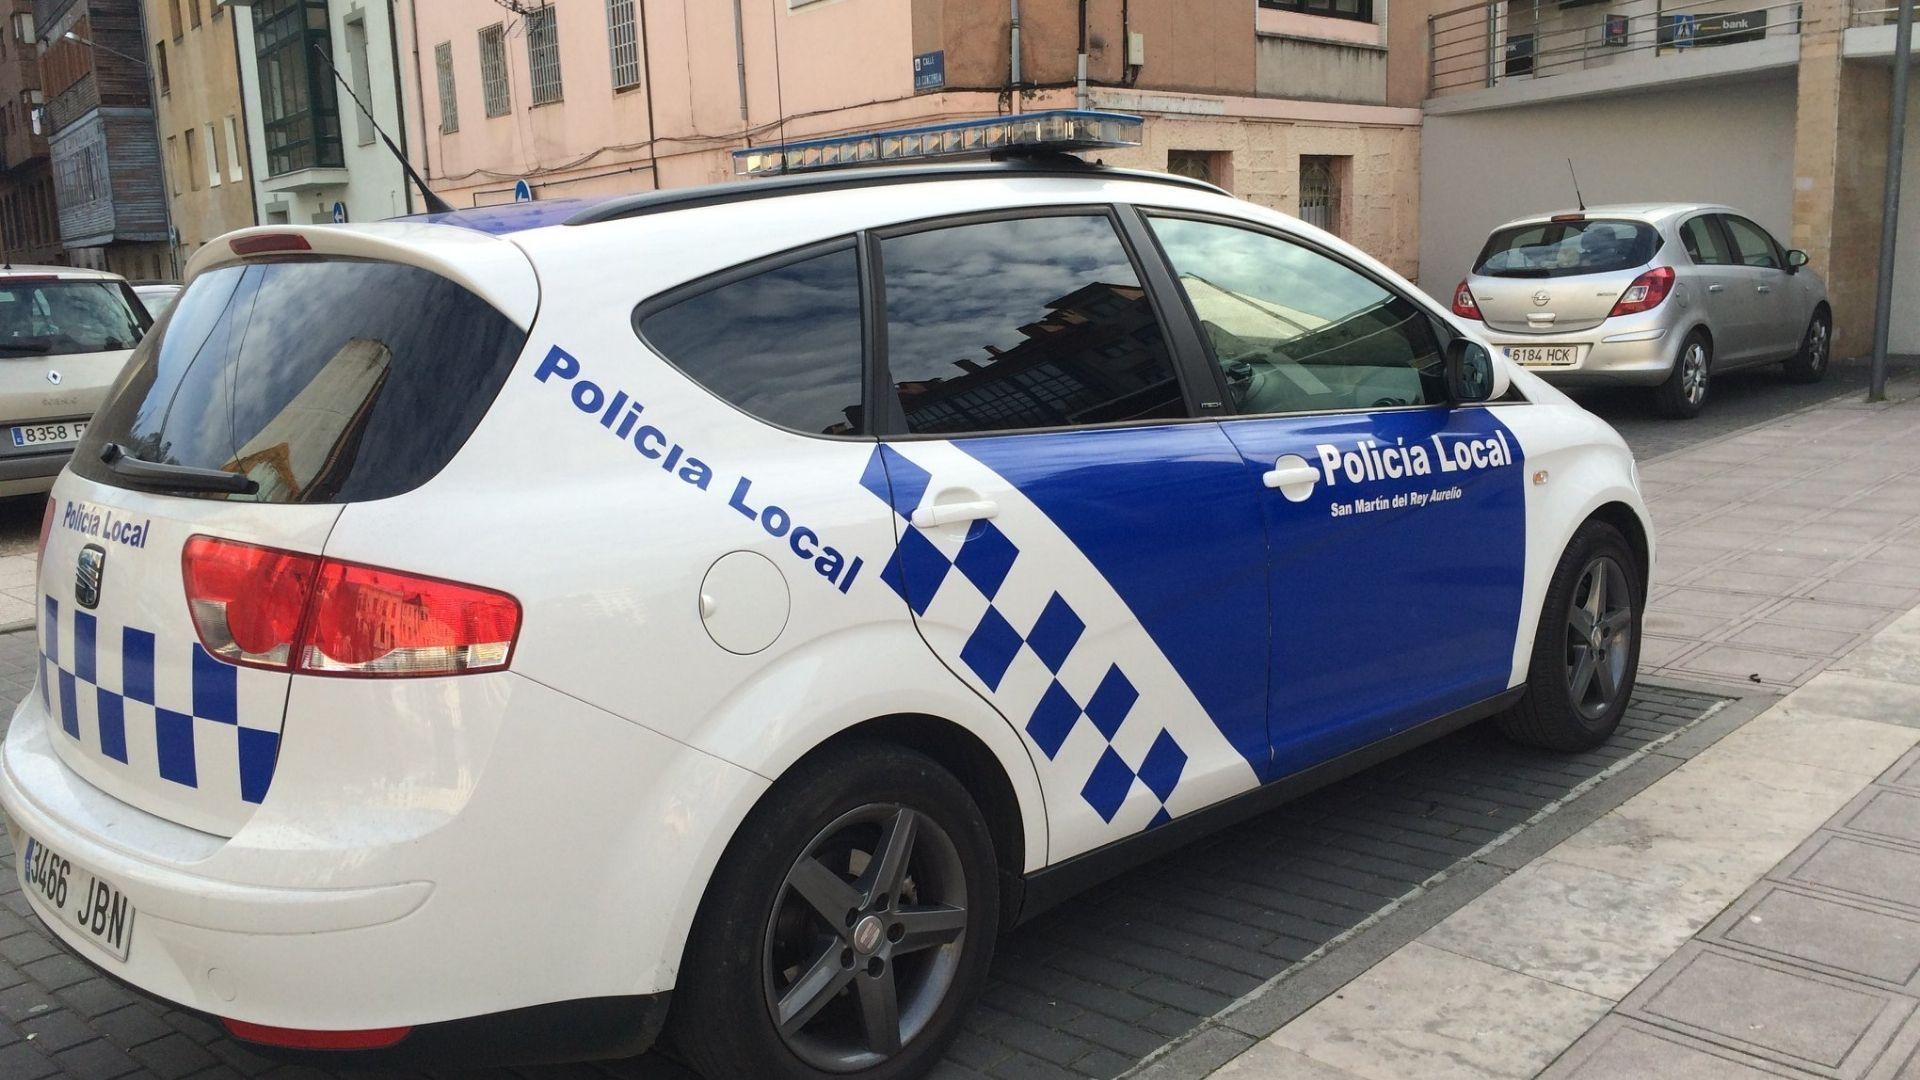 Policía Local de San Martín del Rey Aurelio